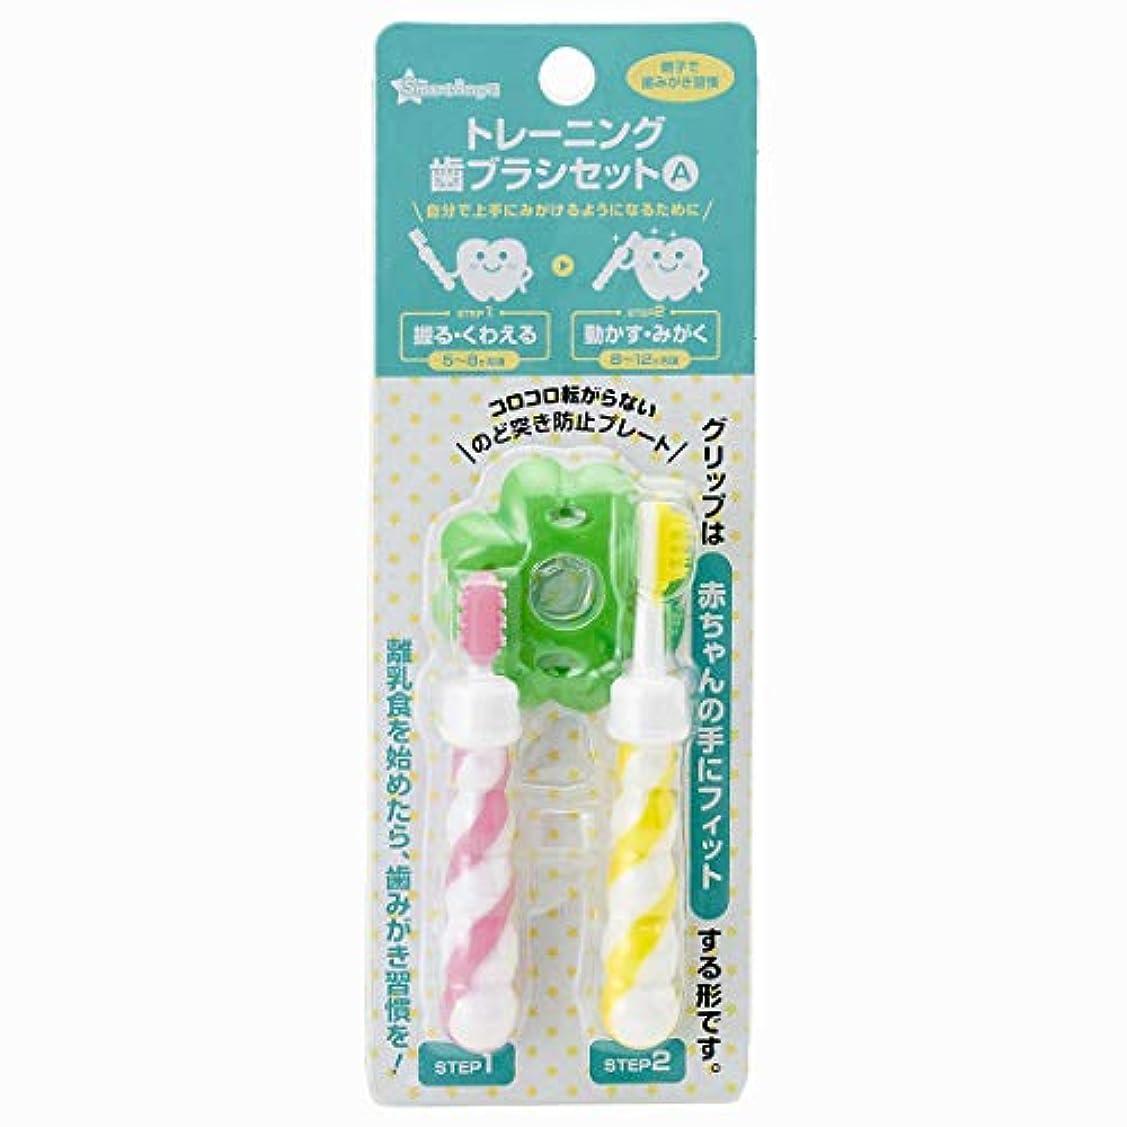 成熟したりんご幼児西松屋 SmartAngel)トレーニング歯ブラシ2本セットSTEP1?5~8ヶ月、STEP2?8~12ヶ月